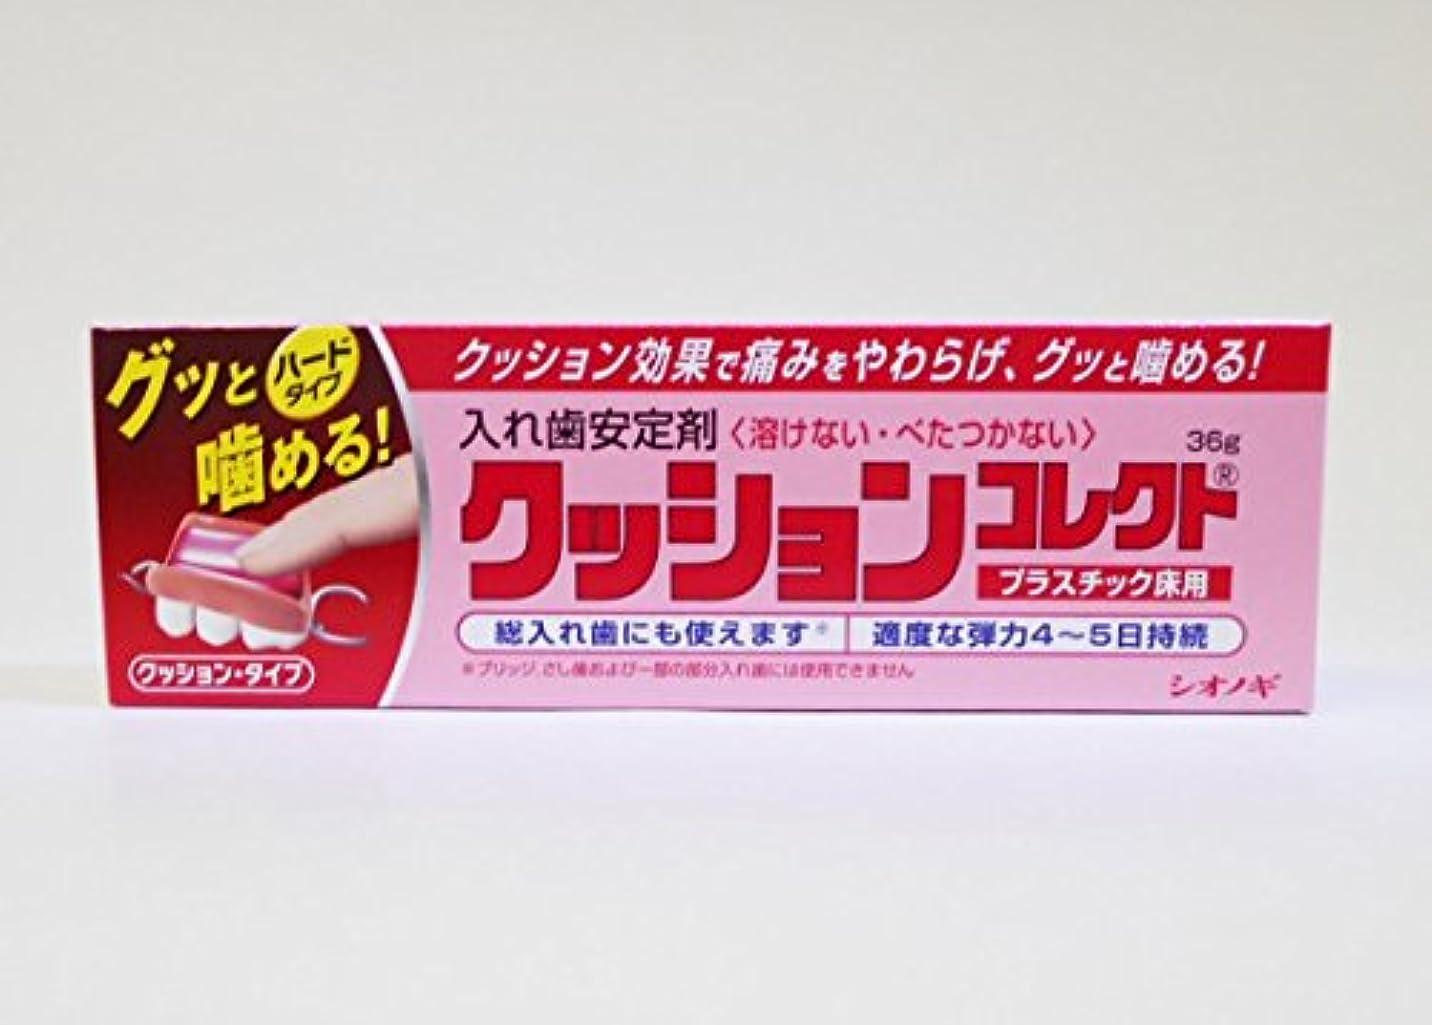 メディック篭テザー【シオノギ製薬】クッションコレクト 36g ×5個セット